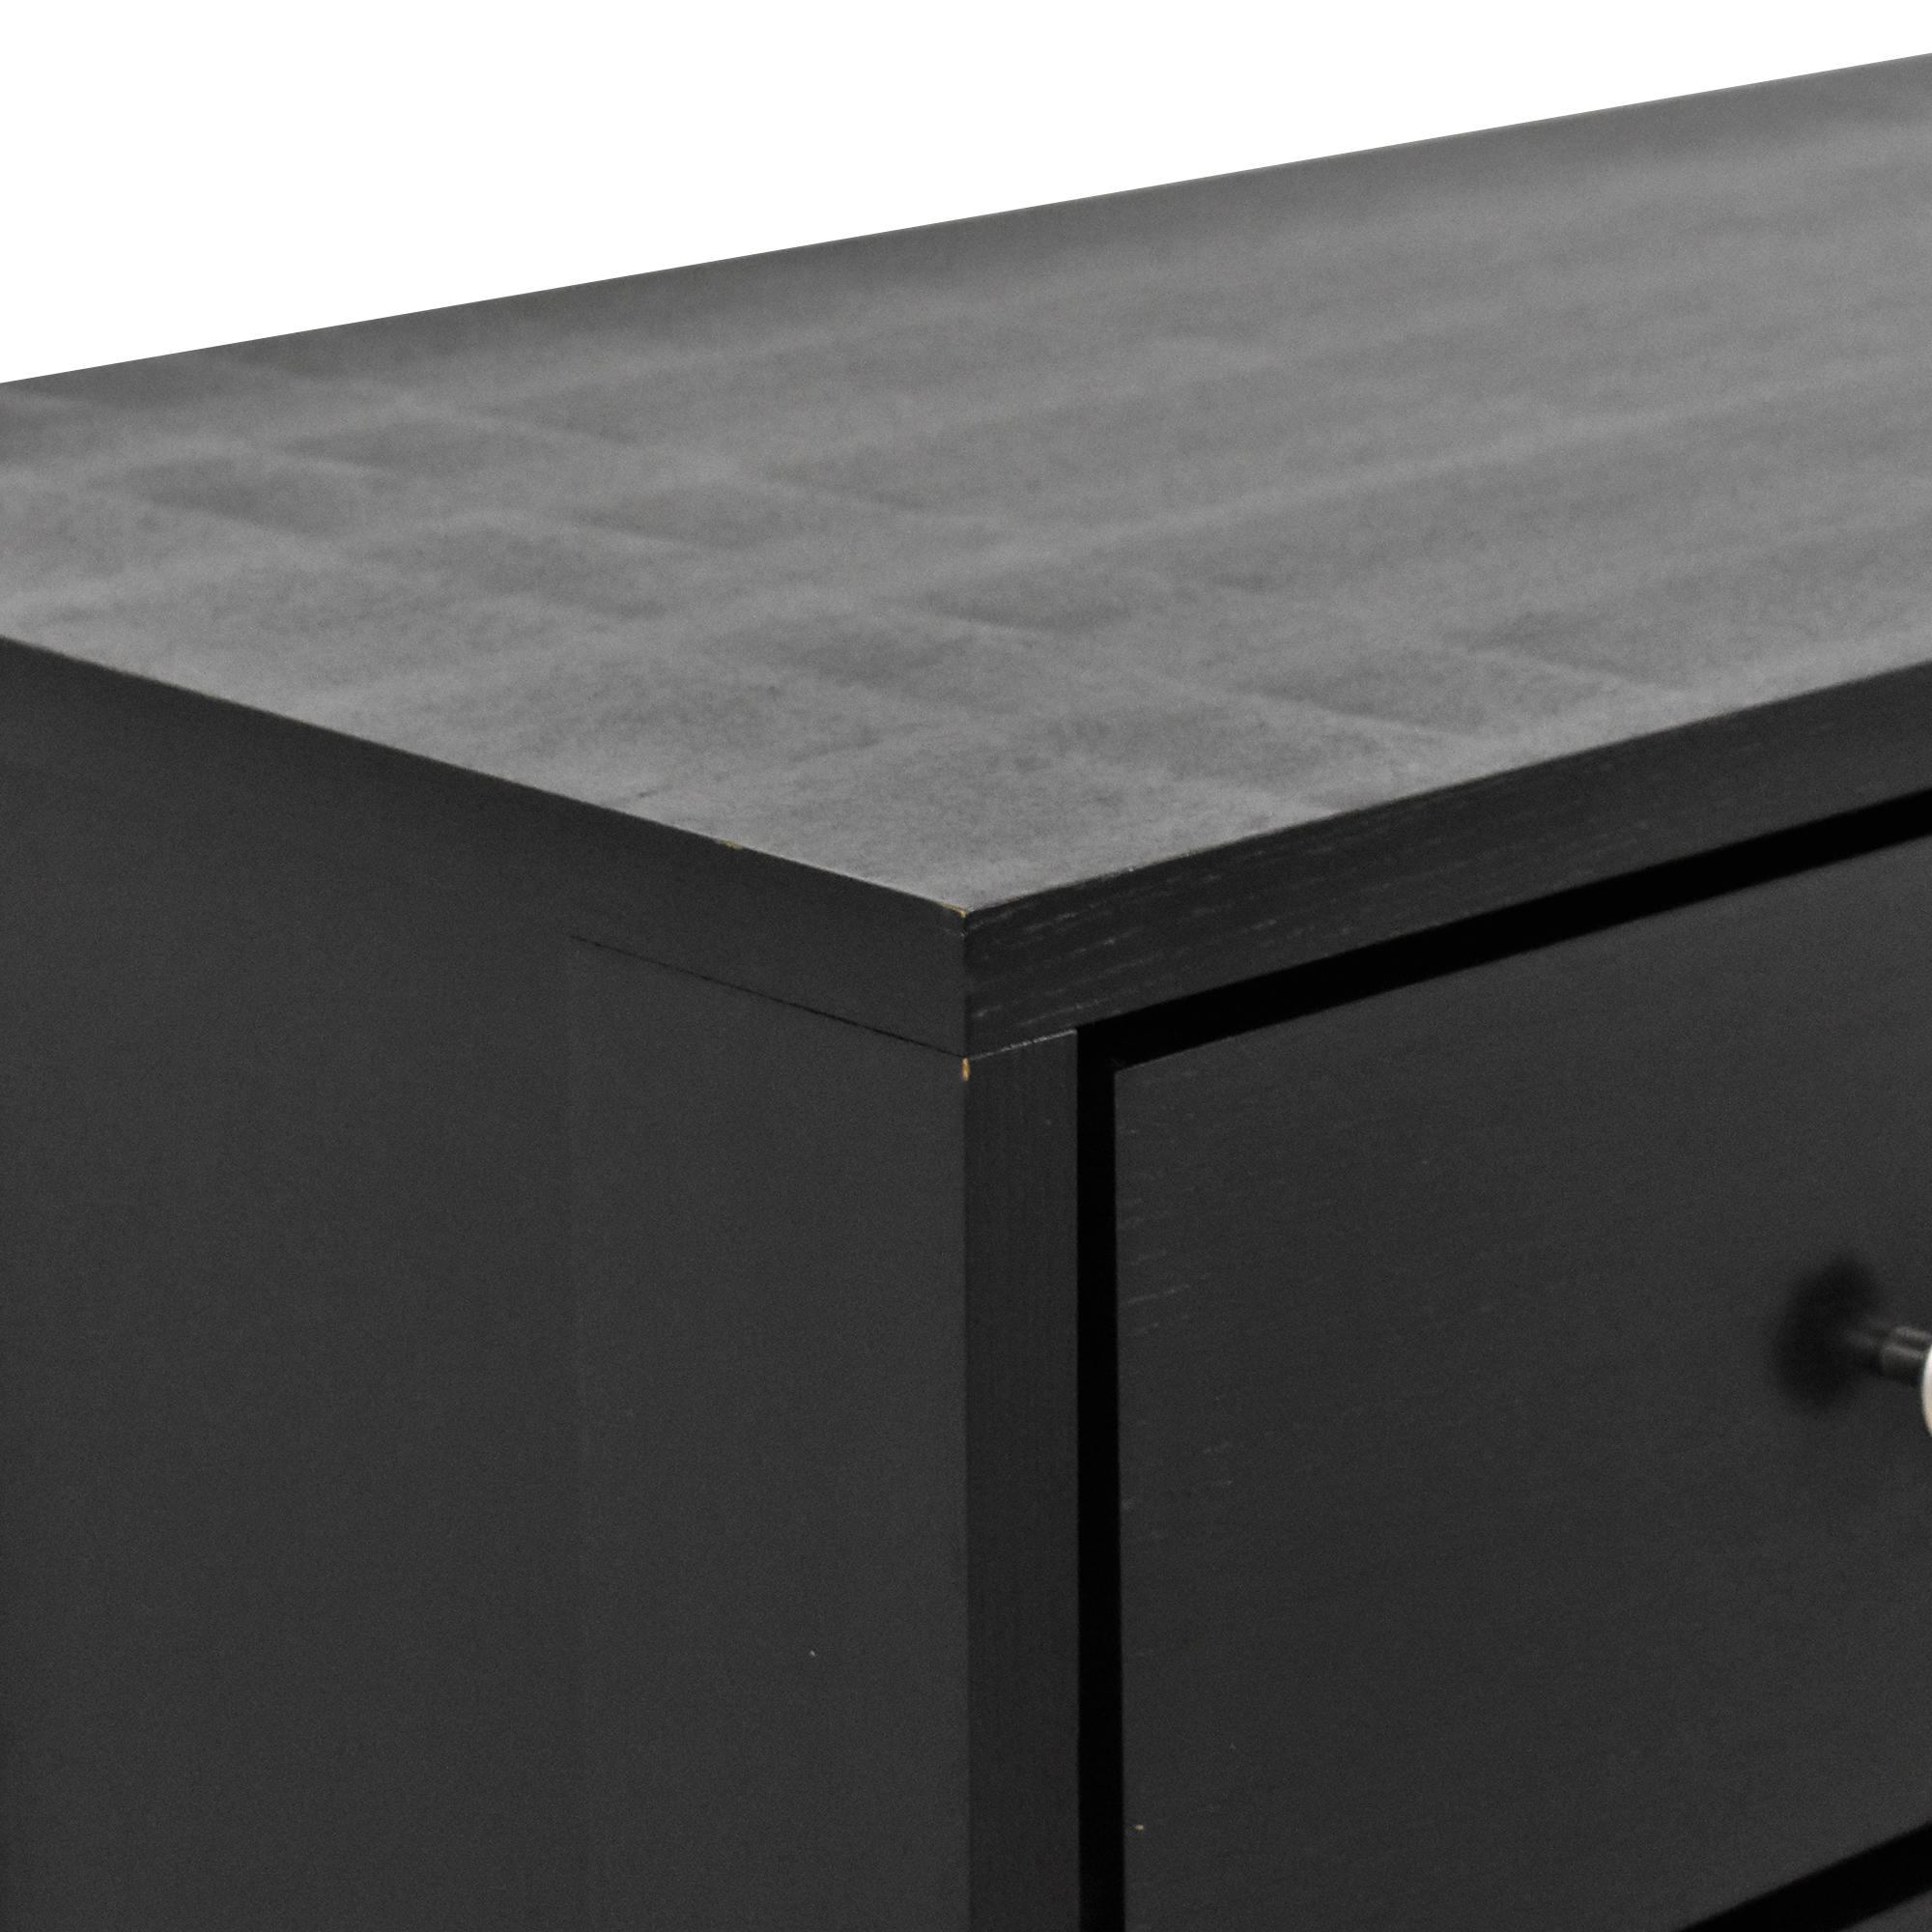 Crate & Barrel Crate & Barrel Four Drawer Dresser on sale